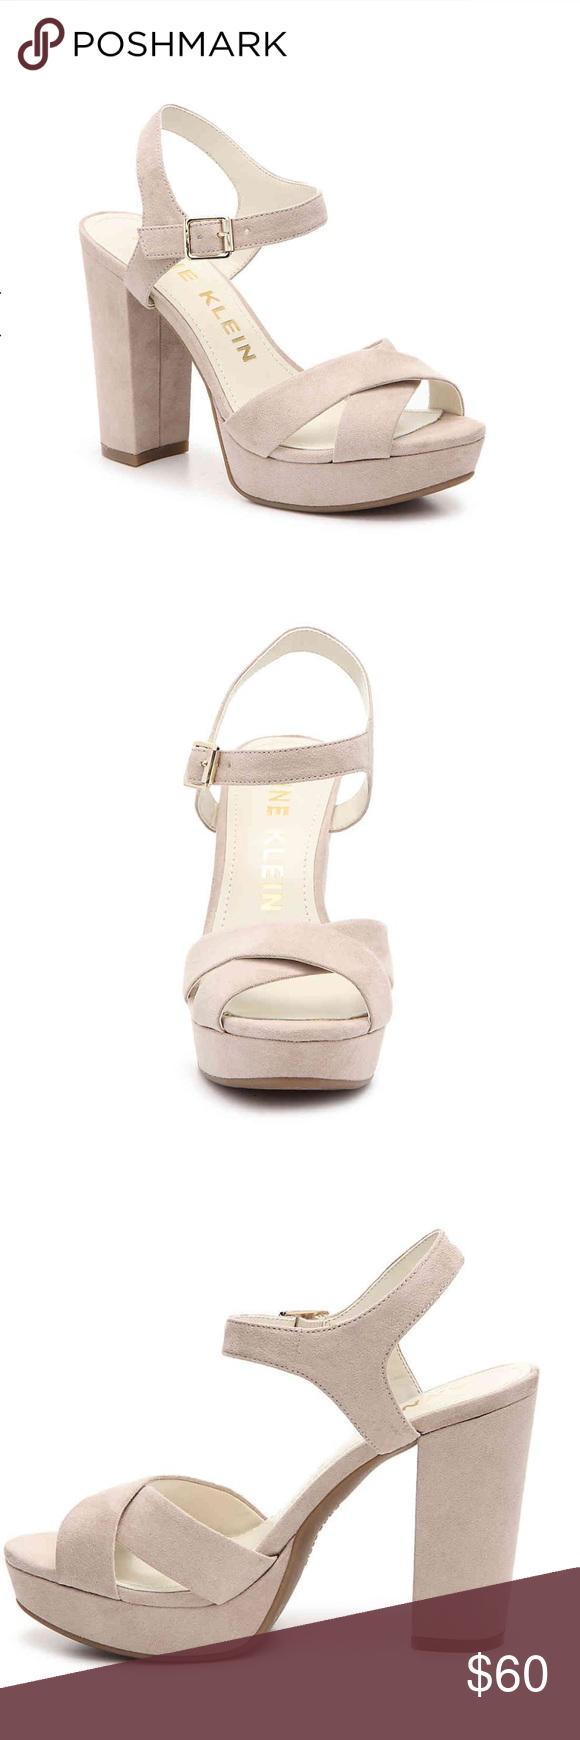 1f96ca43e1b PRICE🔻Anne Klein Sandal Light Pink S 7 Faux Suede Gorgeous Anne Klein  Lalima Sandal